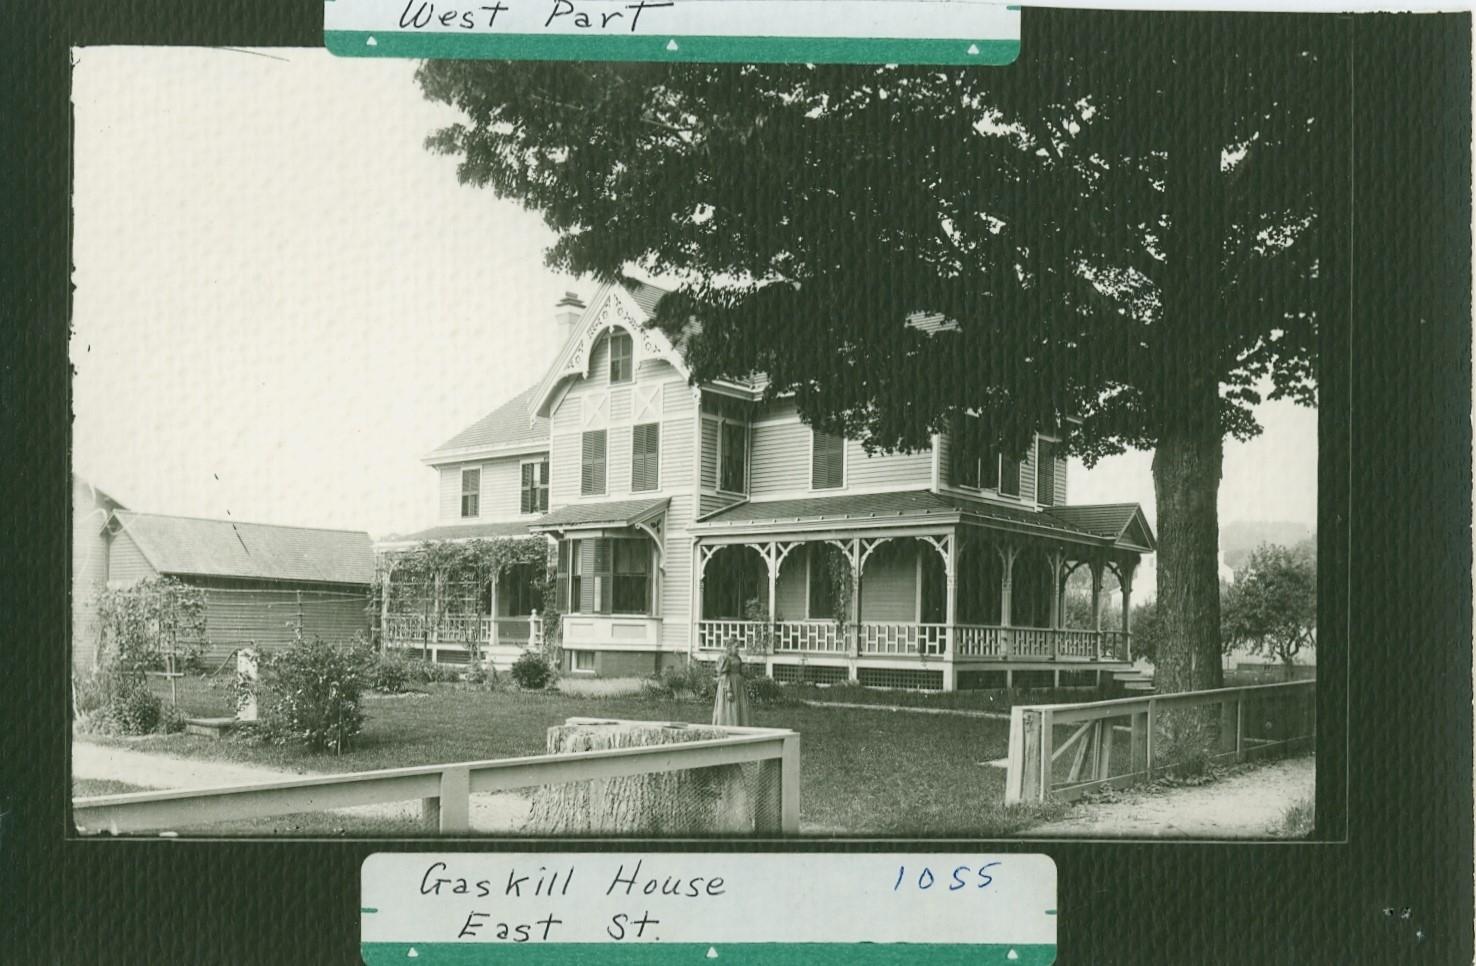 Joseph I. & Ethel M. C. Gaskill